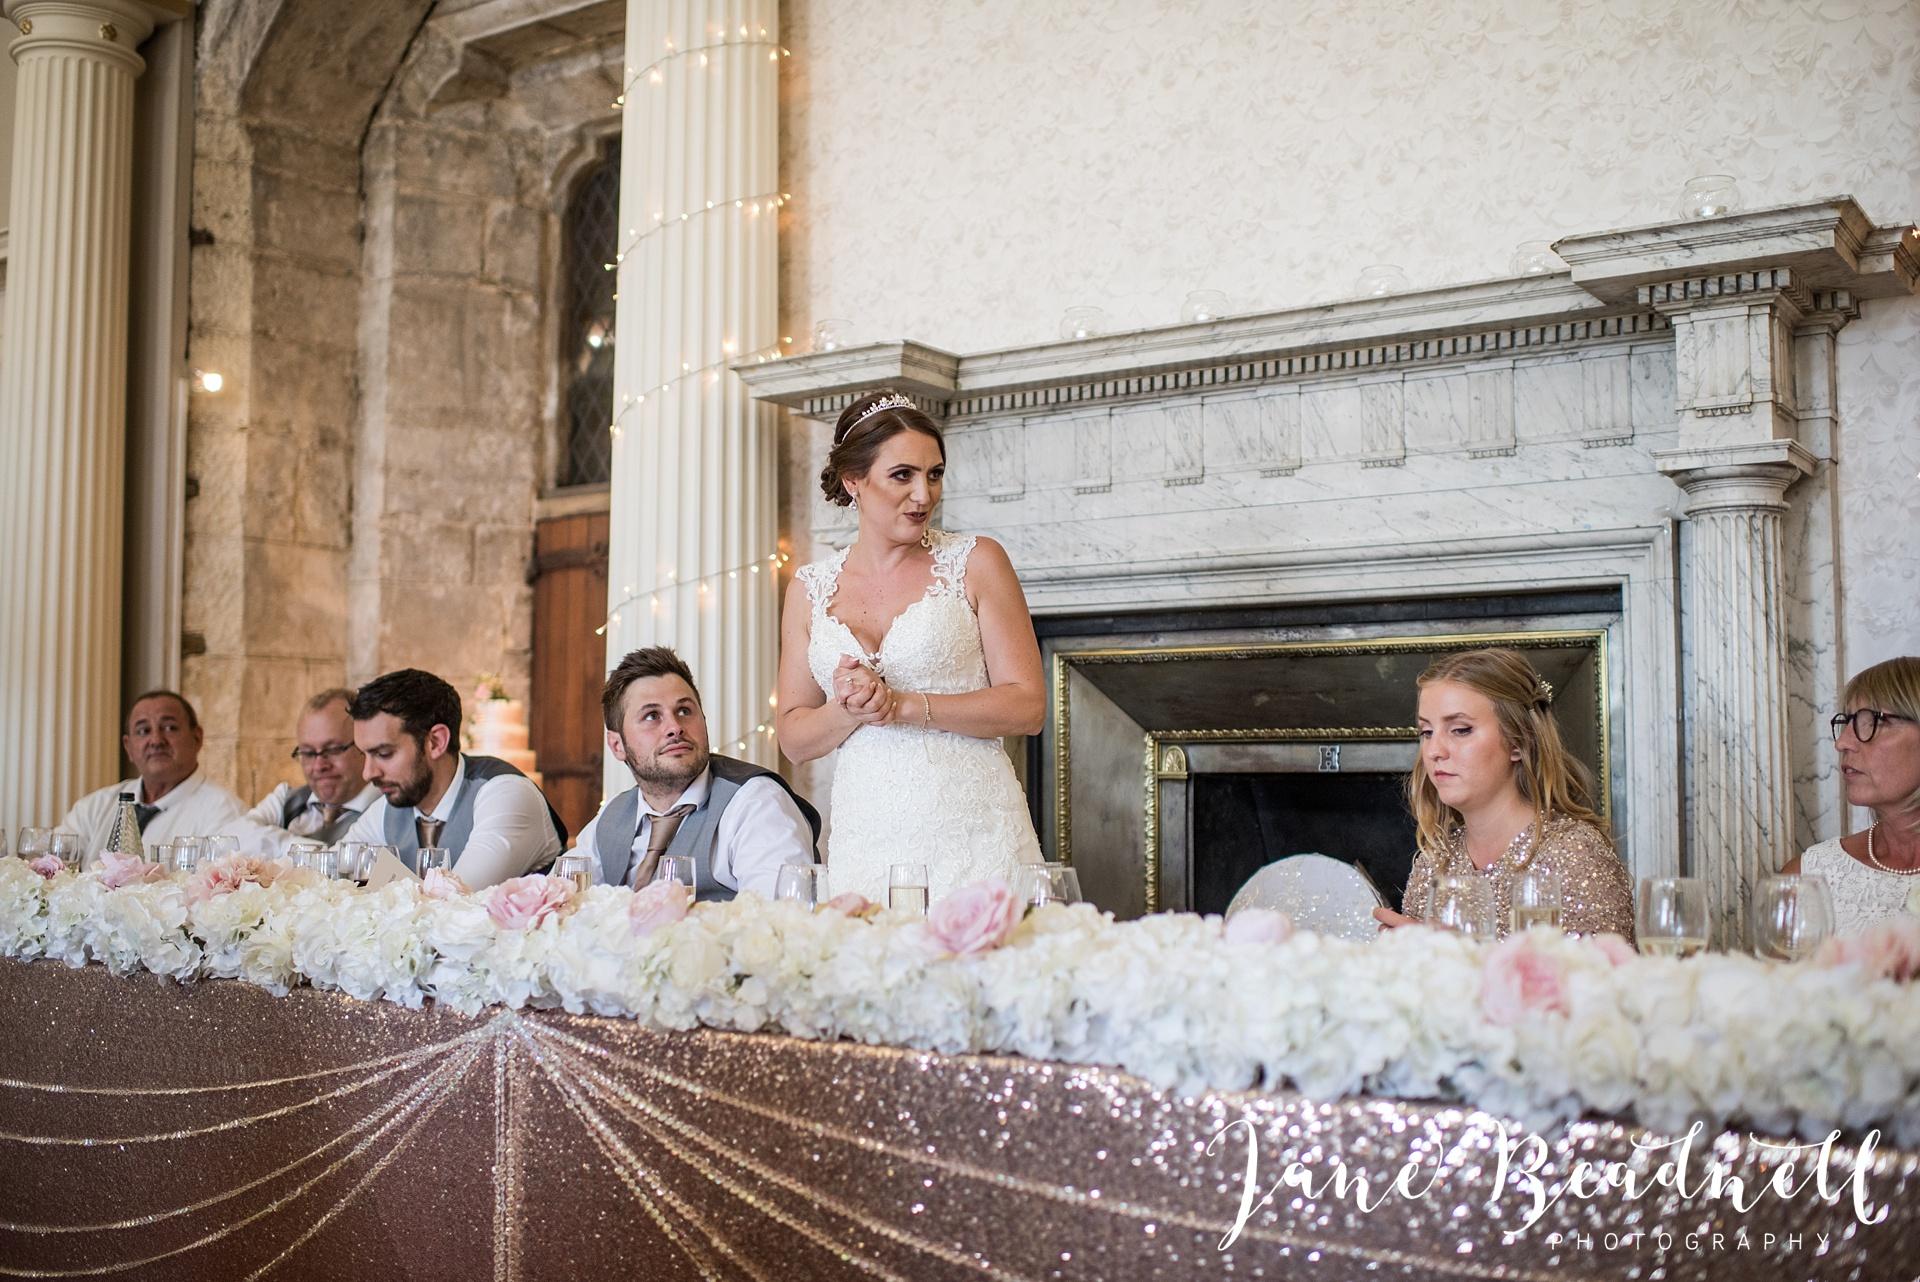 Hazlewood Castle wedding photography by Yorkshire wedding photographer. Leeds wedding photographer Jane Beadnell Photography. UK wedding photographer